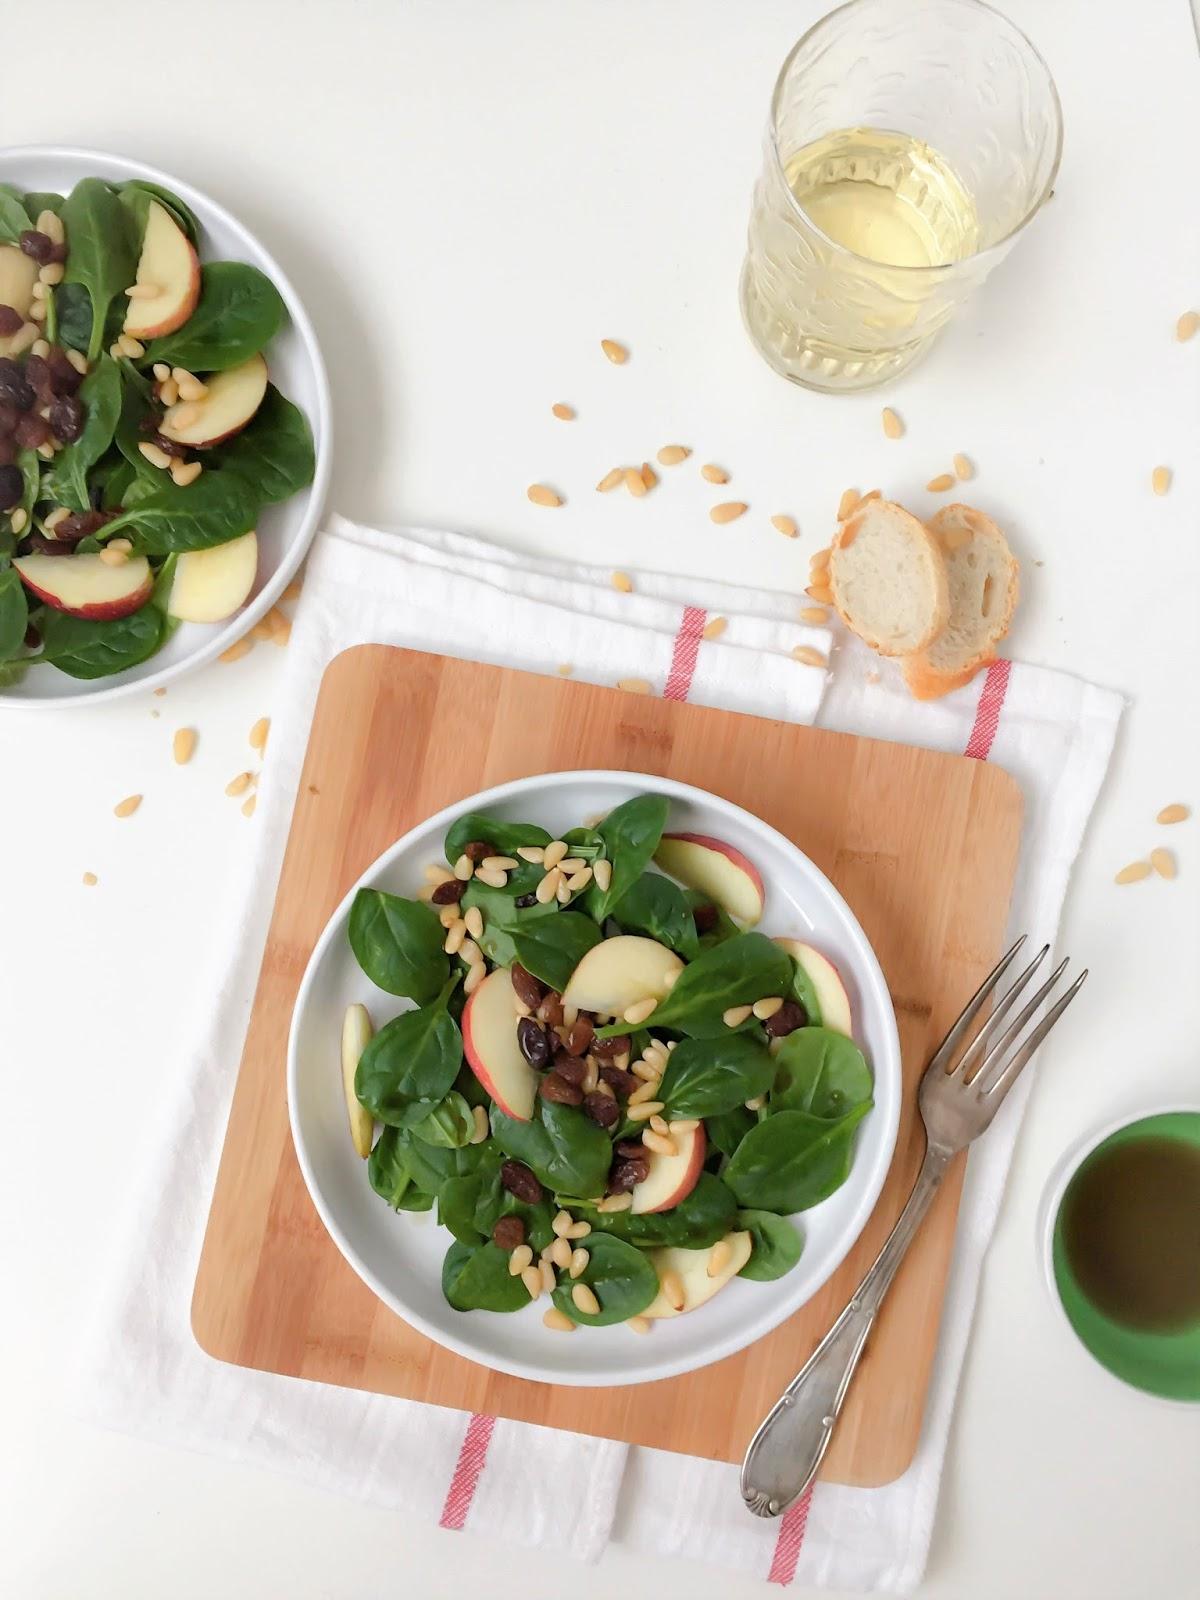 espinacas con uvas pasas y pinones